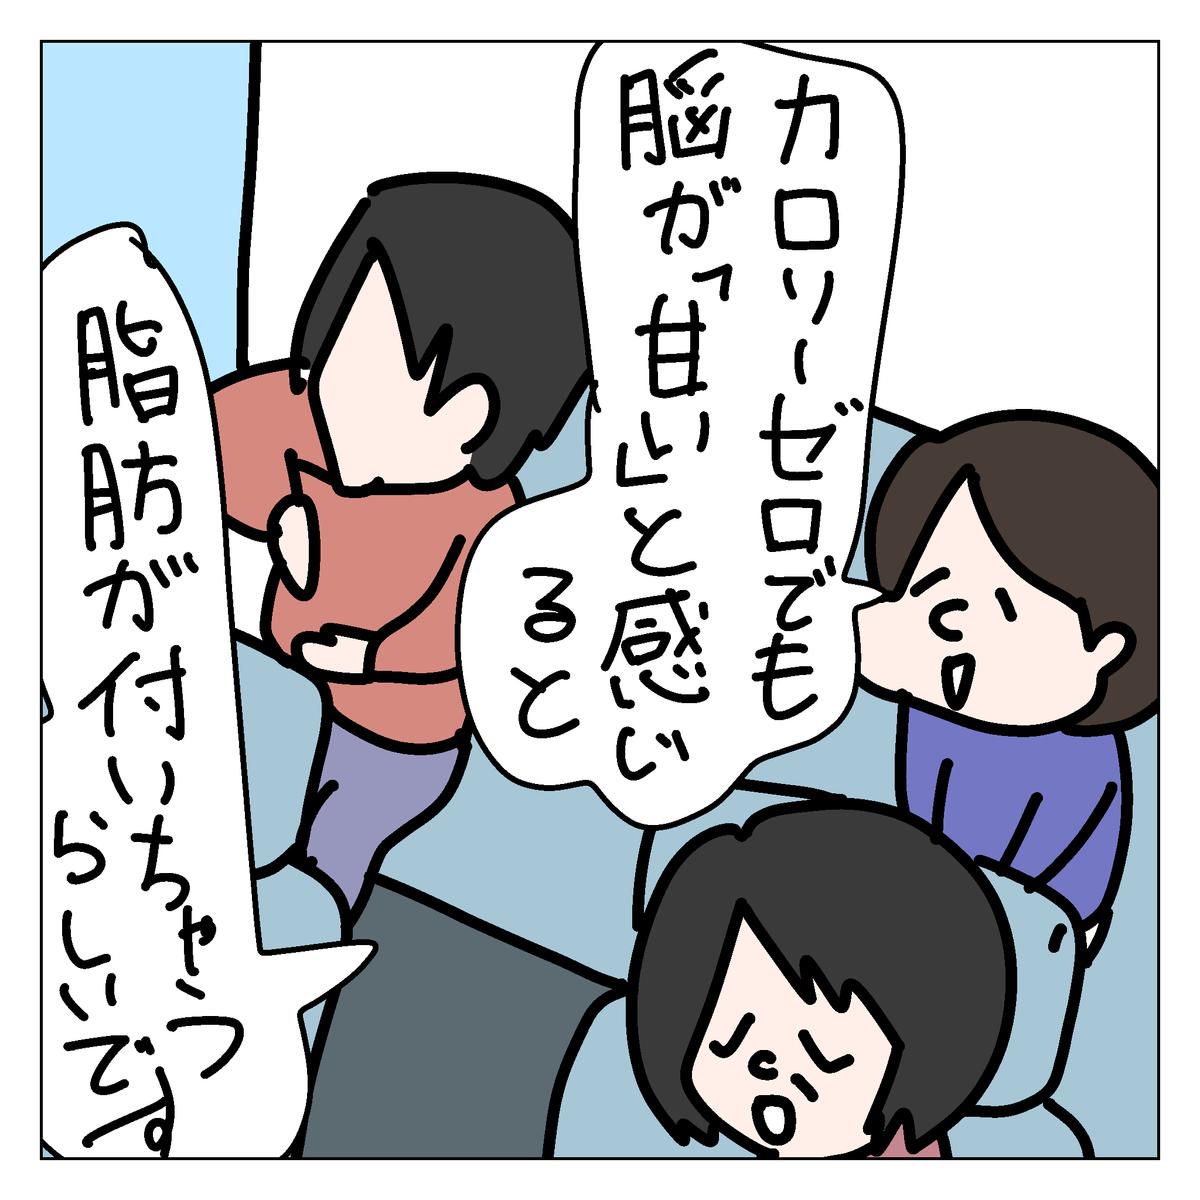 f:id:YuruFuwaTa:20200505113944p:plain